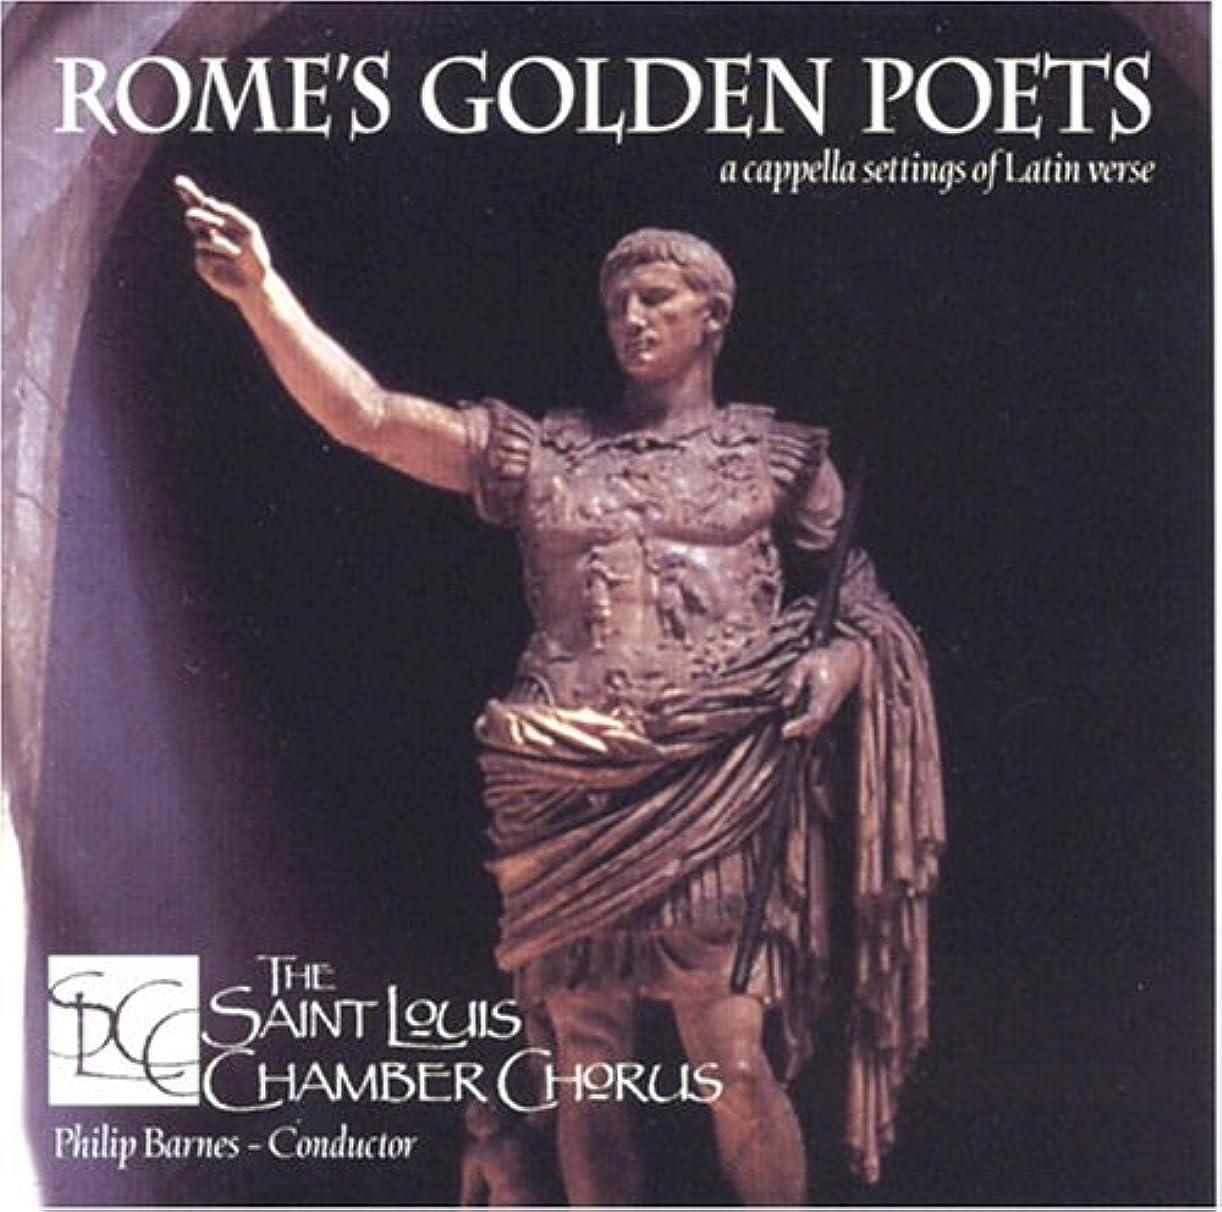 背景版苦しめるRome's Golden Poets: A Cappella Settings of Latin Verse